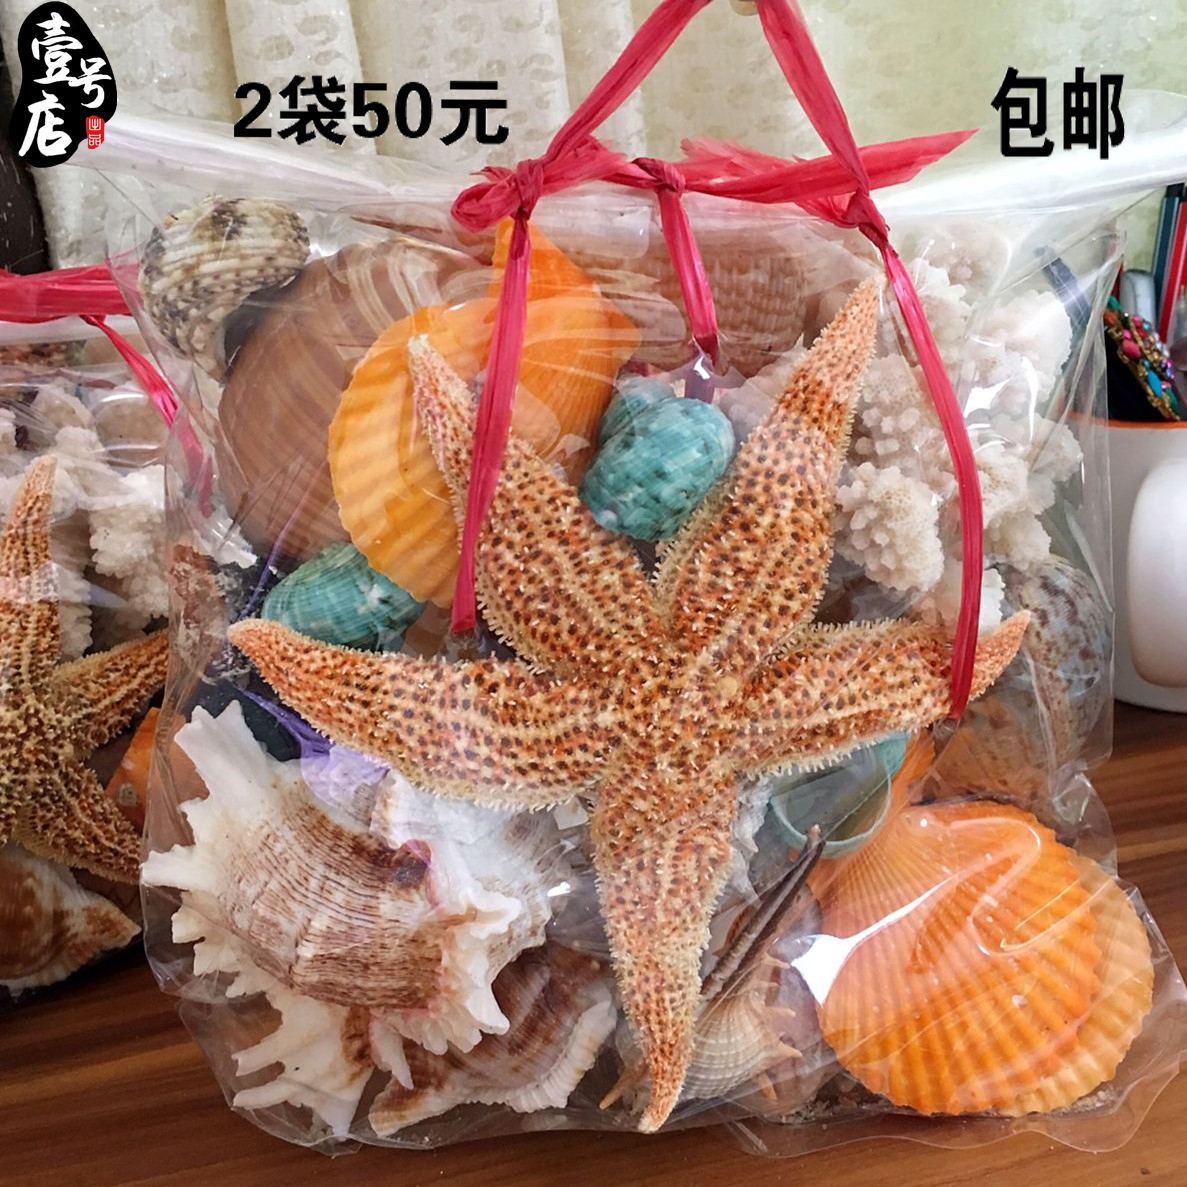 Бесплатная доставка хайнань высококлассные день однако морская звезда оболочка установите 600G примерно 25 месяцы аквариум декоративный украшение путешествие подарок